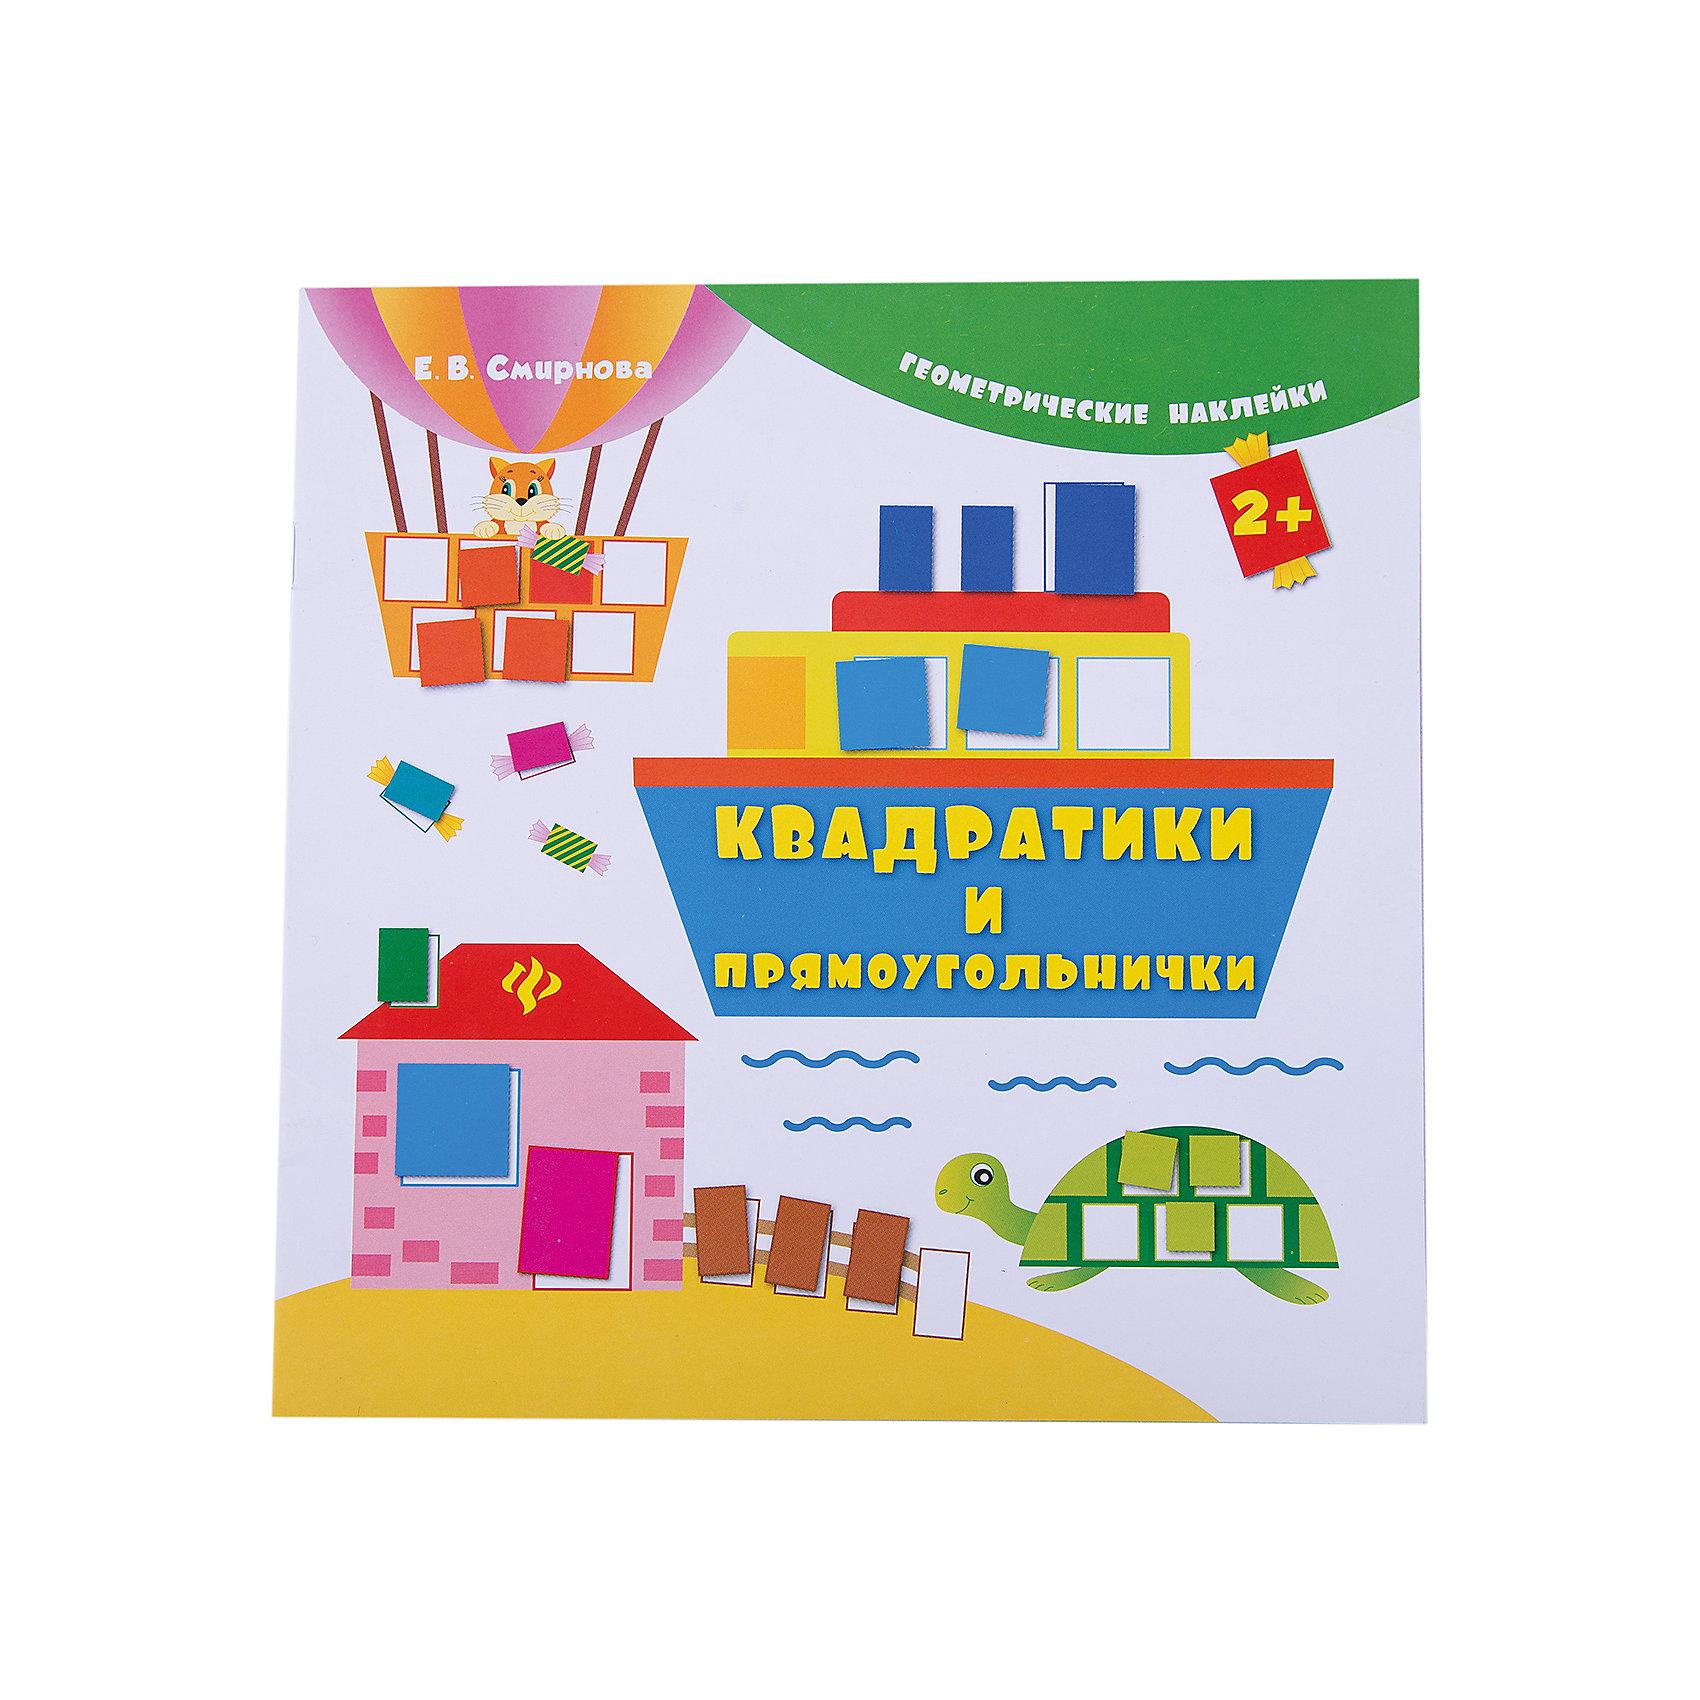 Квадратики, прямоугольничкиФеникс<br>Квадратики, прямоугольнички – эта книга из серии «Геометрические наклейки» для совместной работы детей возрастом от двух лет и родителей.<br>Данная книга познакомит детей с такими геометрическими формами, как квадрат и прямоугольник, и научит работать с ними: называть, узнавать на рисунке и среди окружающих предметов, подбирать наклейки соответствующей формы. Кроме того, наклеивание небольших по размеру элементов приучает малышей к аккуратности и развивает мелкую моторику кисти, что позитивно влияет на развитие речи.<br><br>Дополнительная информация:<br><br>- Автор: Смирнова Екатерина Васильевна<br>- Художник: Смирнова Екатерина Васильевна<br>- Редактор: Зиновьева Л. А.<br>- Издательство: Феникс-Премьер, 2016 г.<br>- Серия: Геометрические наклейки<br>- Тип обложки: мягкий переплет (крепление скрепкой или клеем)<br>- Оформление: с наклейками<br>- Иллюстрации: цветные<br>- Количество страниц: 8 (мелованная)<br>- Размер: 215x214x2 мм.<br>- Вес: 58 гр.<br><br>Книгу «Квадратики, прямоугольнички» можно купить в нашем интернет-магазине.<br><br>Ширина мм: 215<br>Глубина мм: 1<br>Высота мм: 215<br>Вес г: 84<br>Возраст от месяцев: 36<br>Возраст до месяцев: 60<br>Пол: Унисекс<br>Возраст: Детский<br>SKU: 4637831